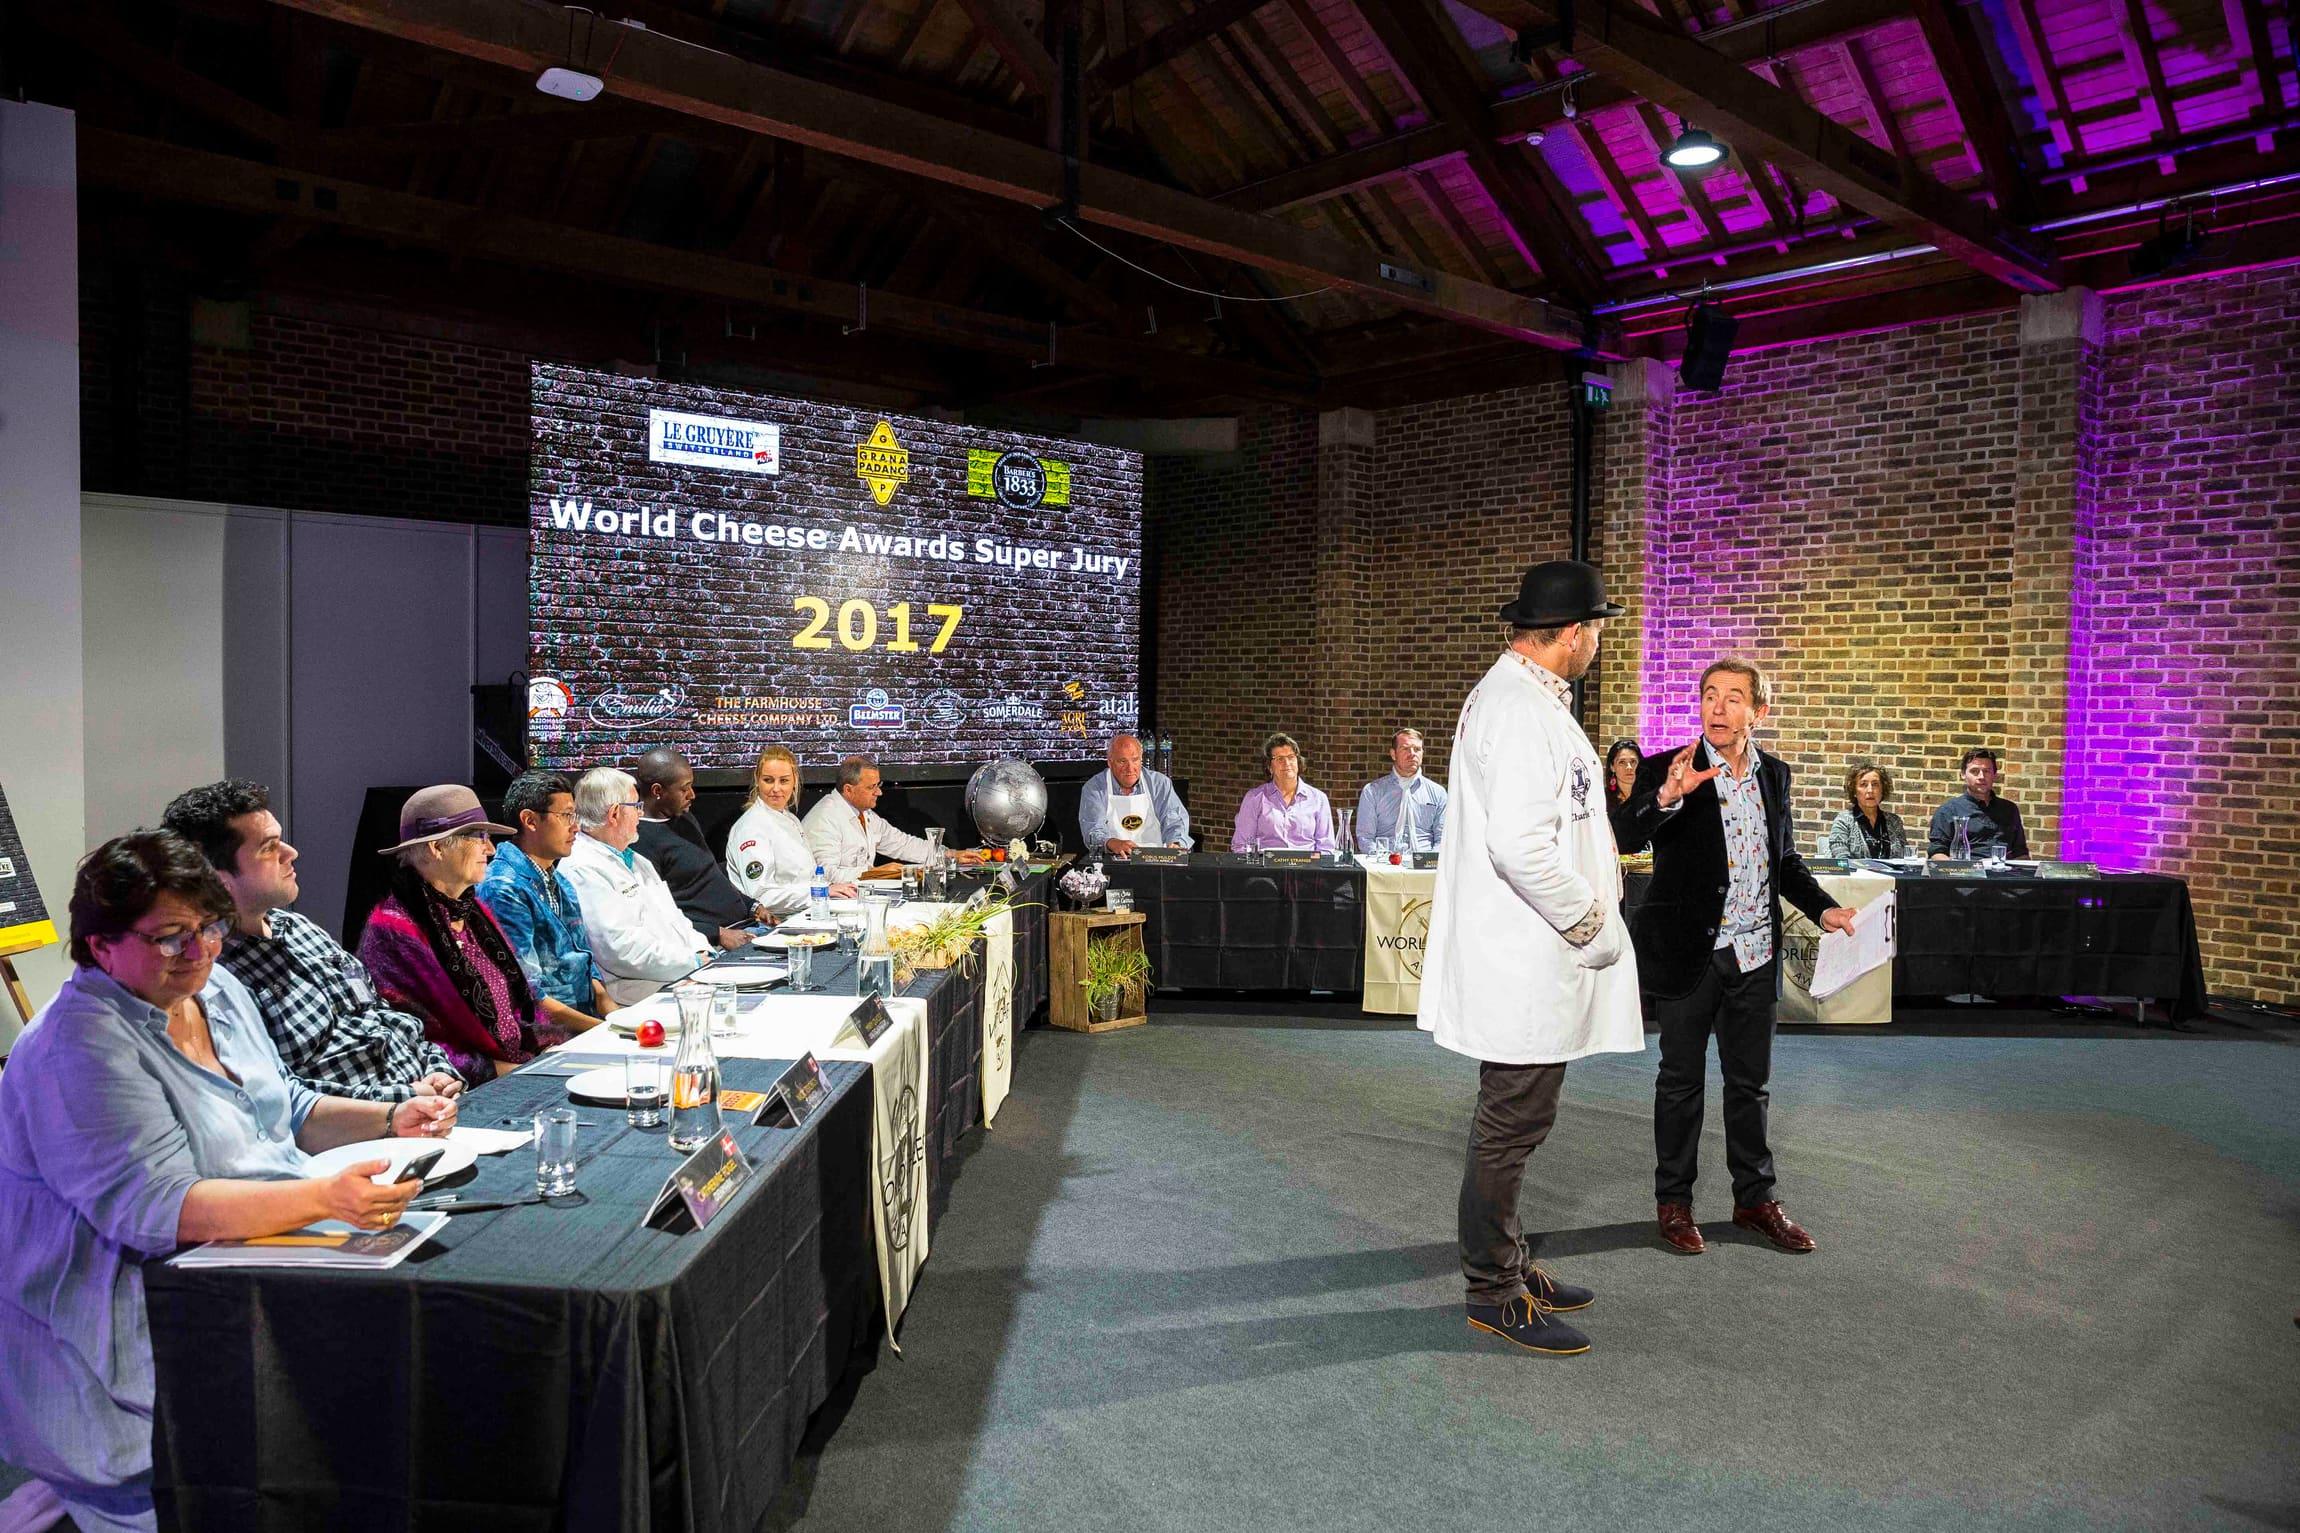 Se film og opplev stemningen fra London høsten 2017, der Cornish Kern fra Lynher Dairies Cheese Company gikk av med seieren.